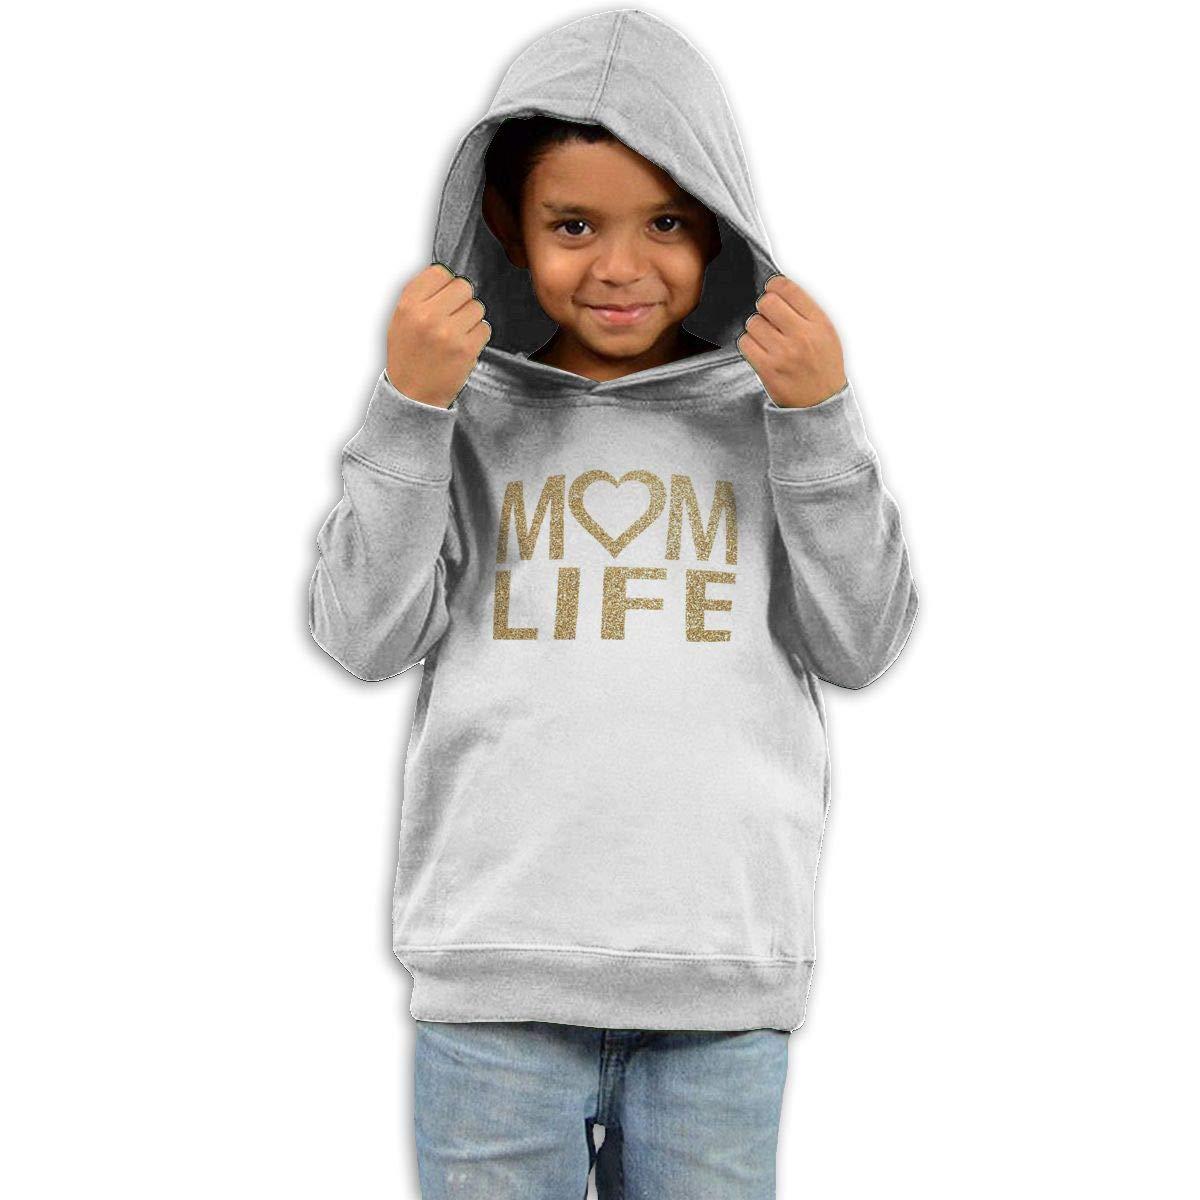 Stacy J. Payne Kids Mom Life Heart Golden Classic Fleece40 White